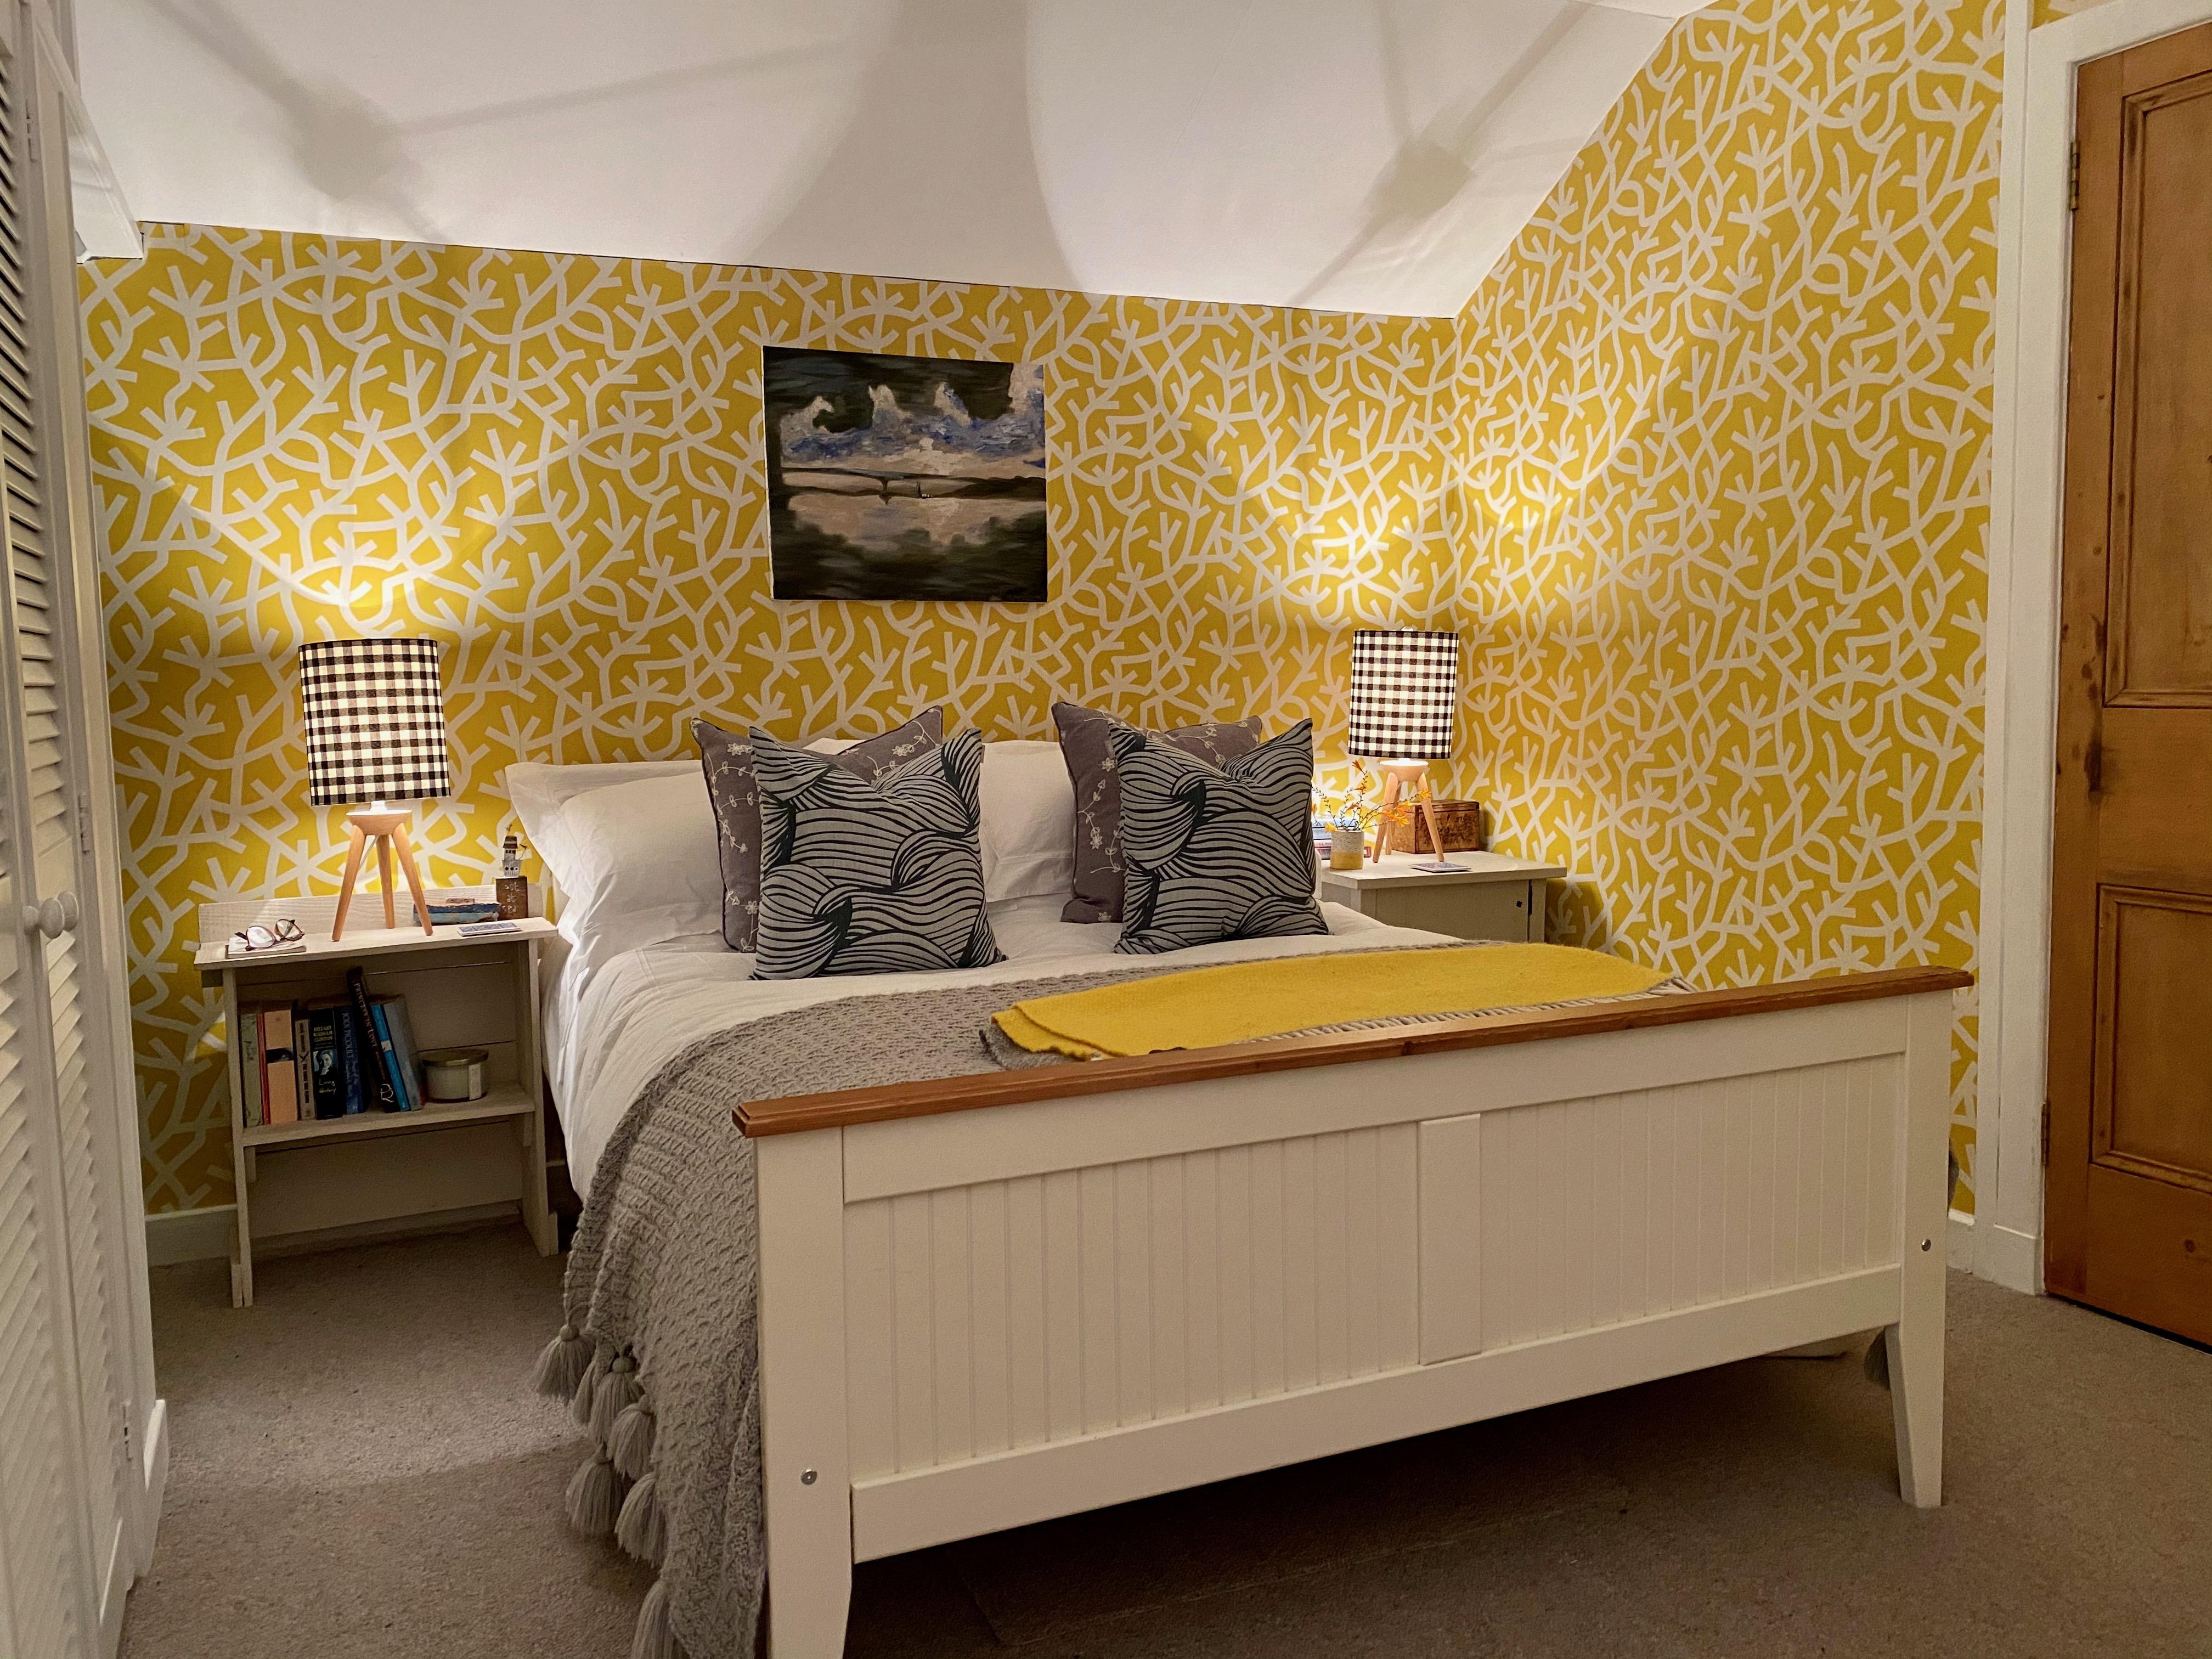 The Yellow Seaweed Bedroom